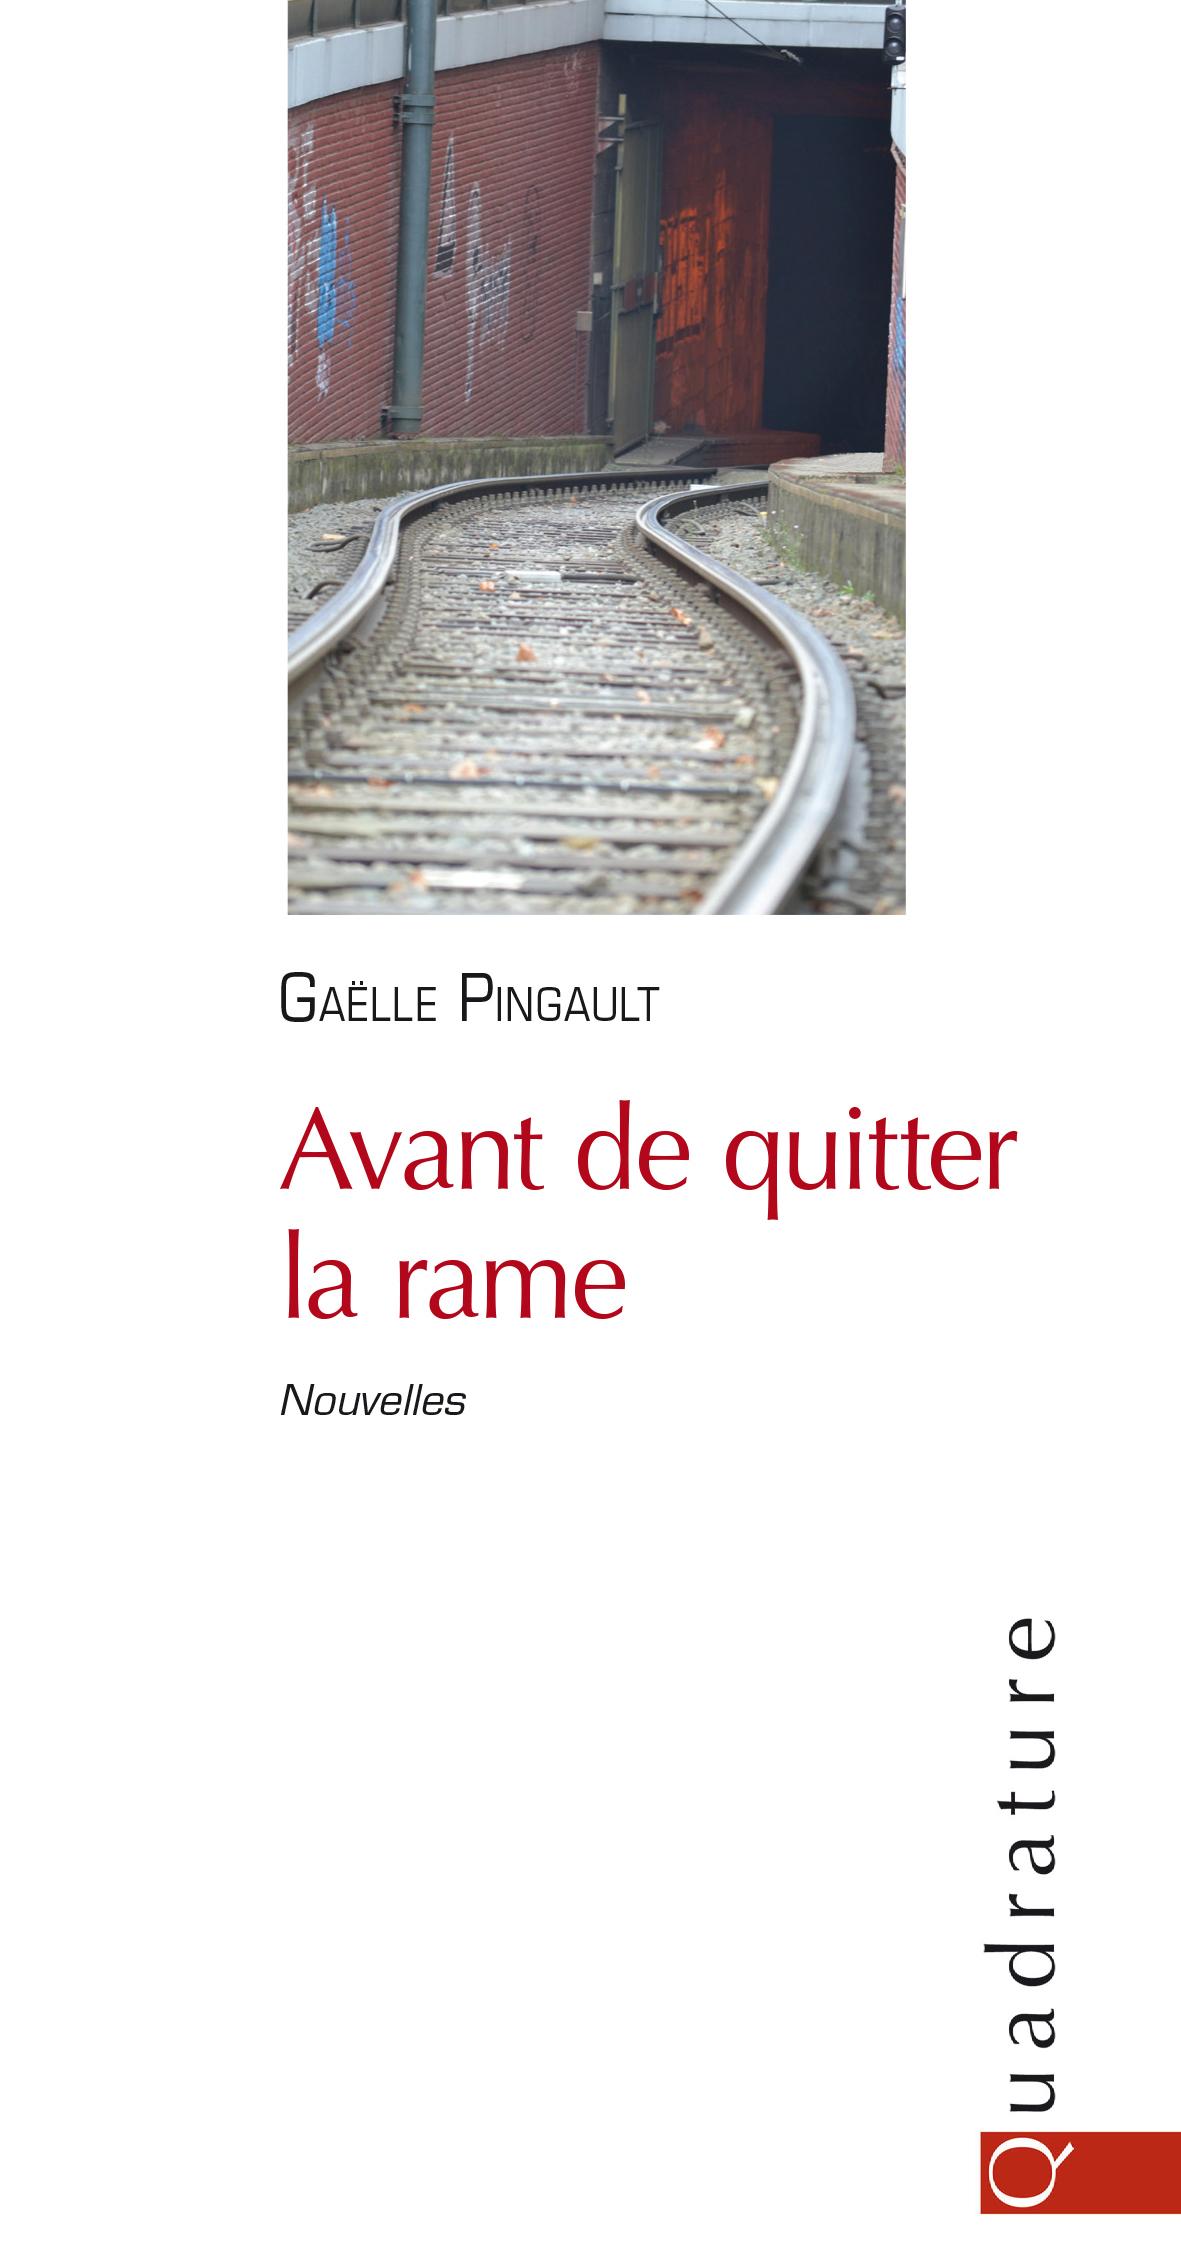 Pingault Rame